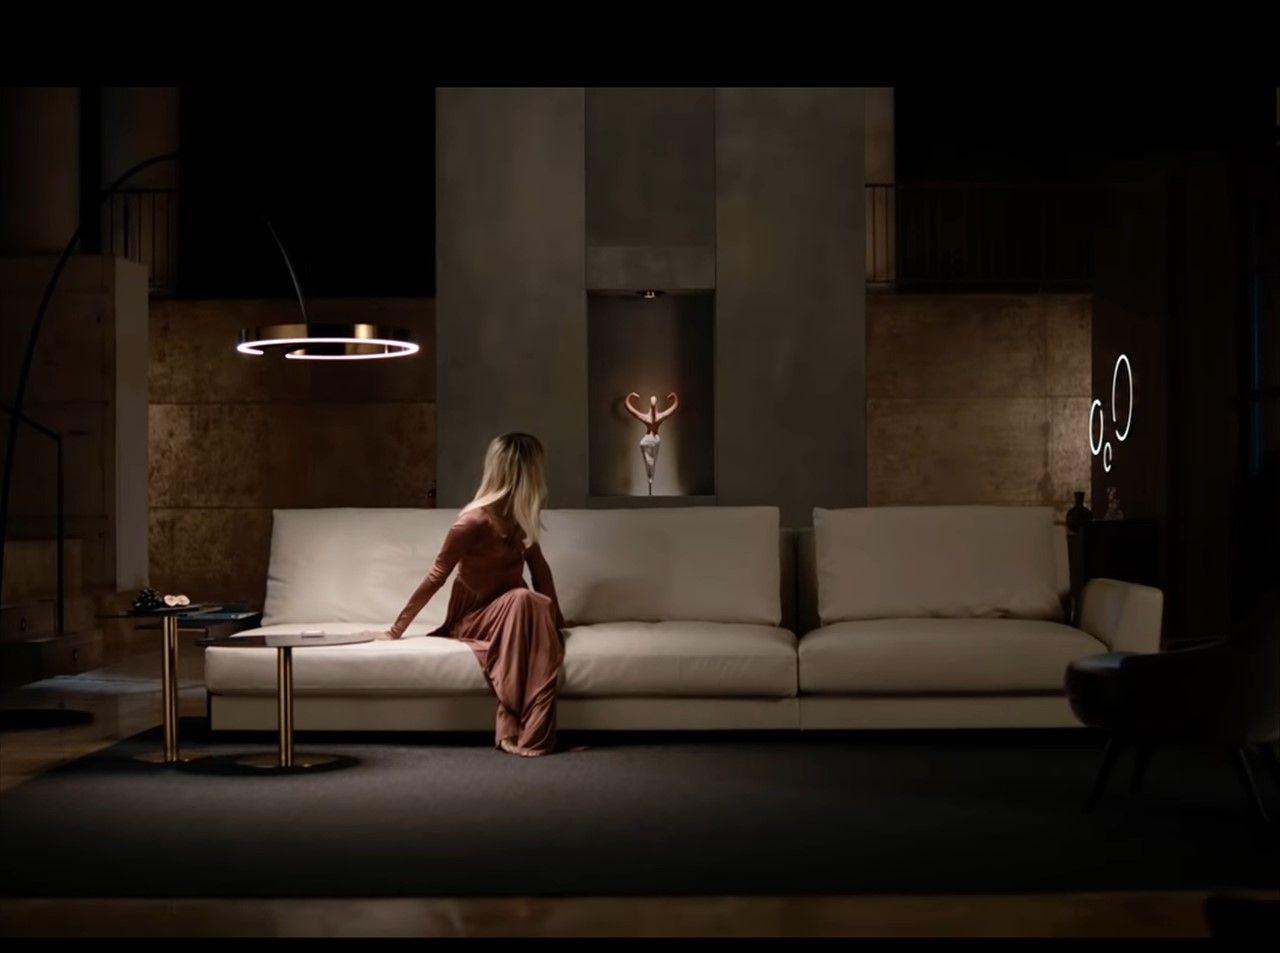 Sofia Boutella By Occhio Ammon Ideen Licht Lichtberatung Lichtkonzept Lichtplanung Lichtberater Elektrobaube Beleuchtungsideen Lichtdesign Aussenleuchten